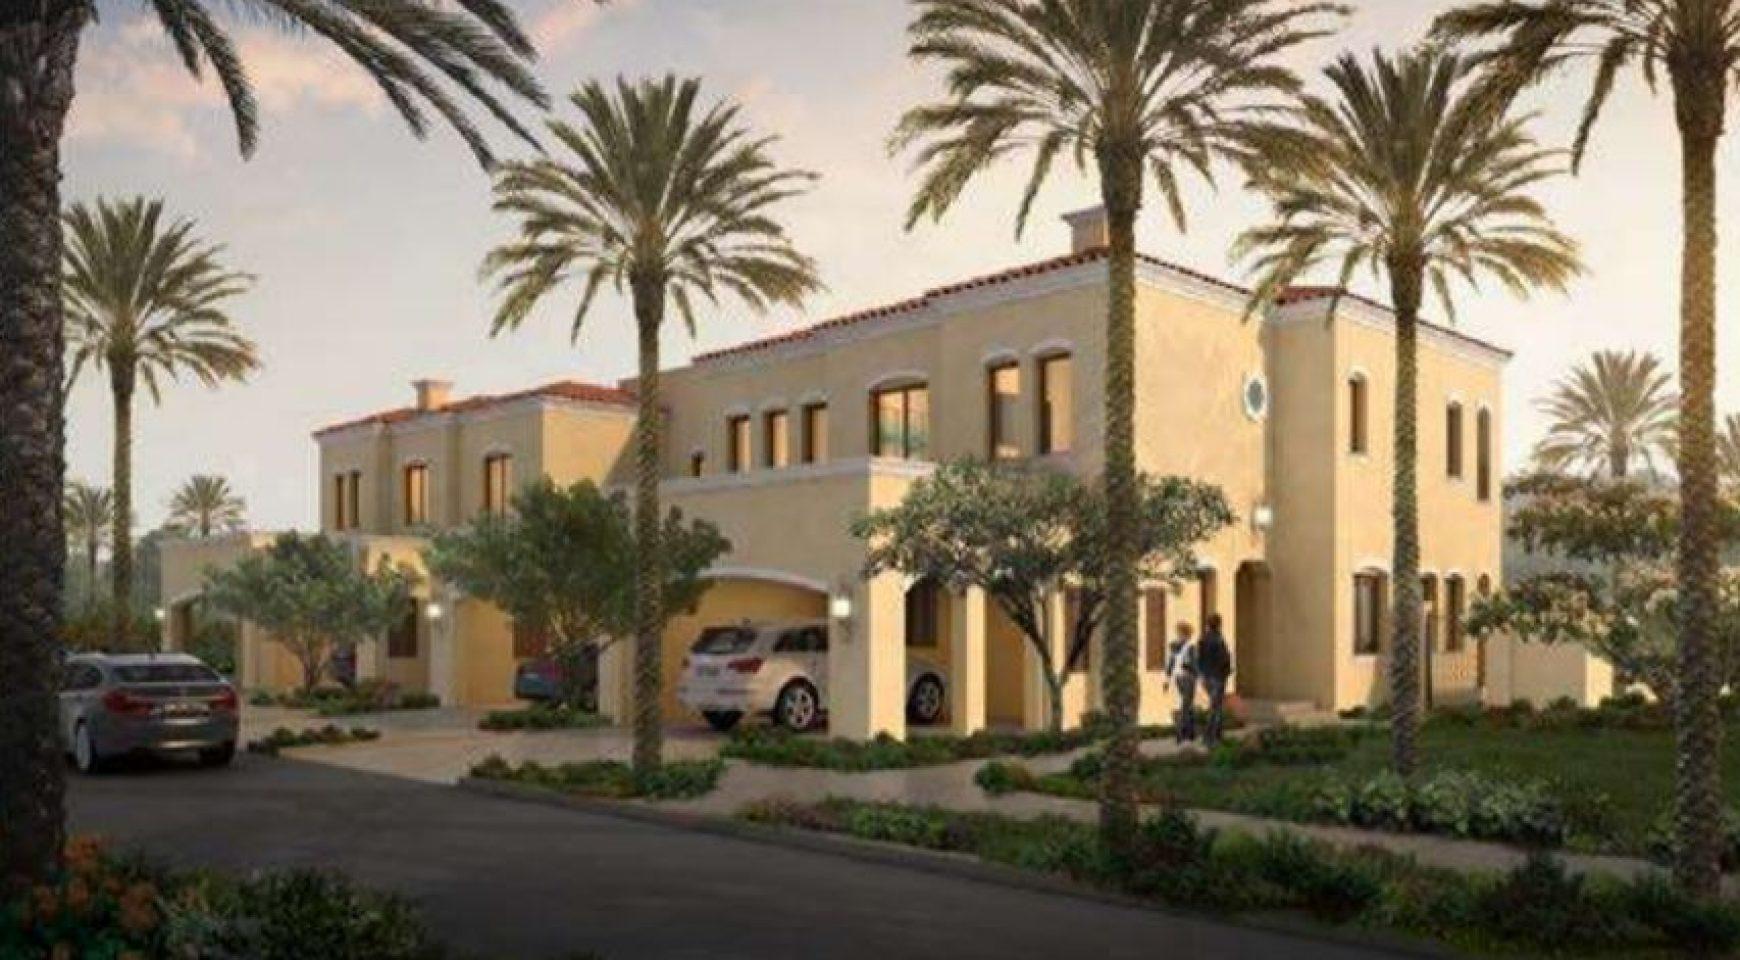 Serena Casa Dora Townhouses Project - Dubailand